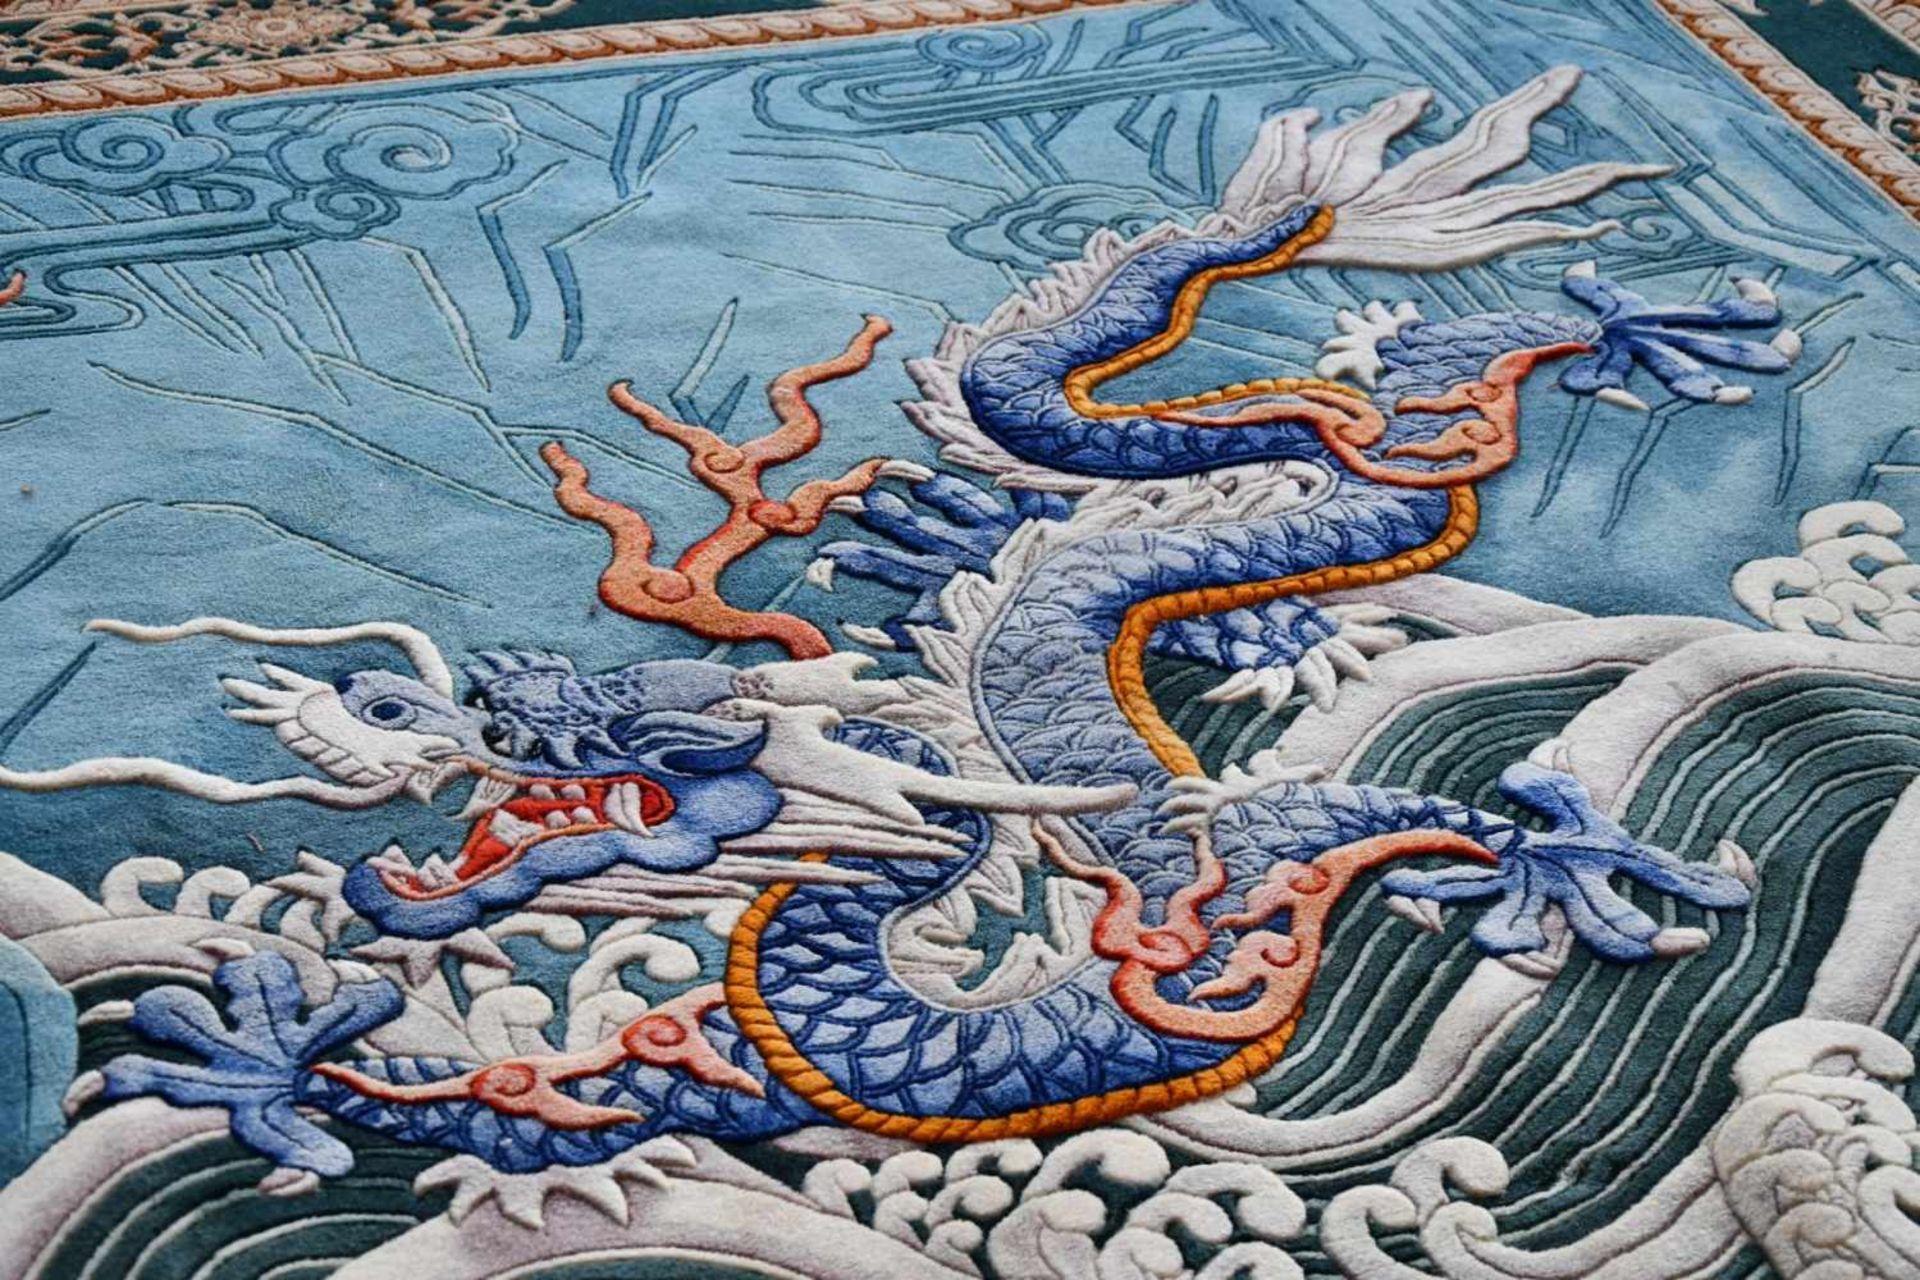 Großer Wandteppich, ChinaKampf des goldenen und blauen Drachen auf türkisfarbenem Fond, unten - Bild 4 aus 6